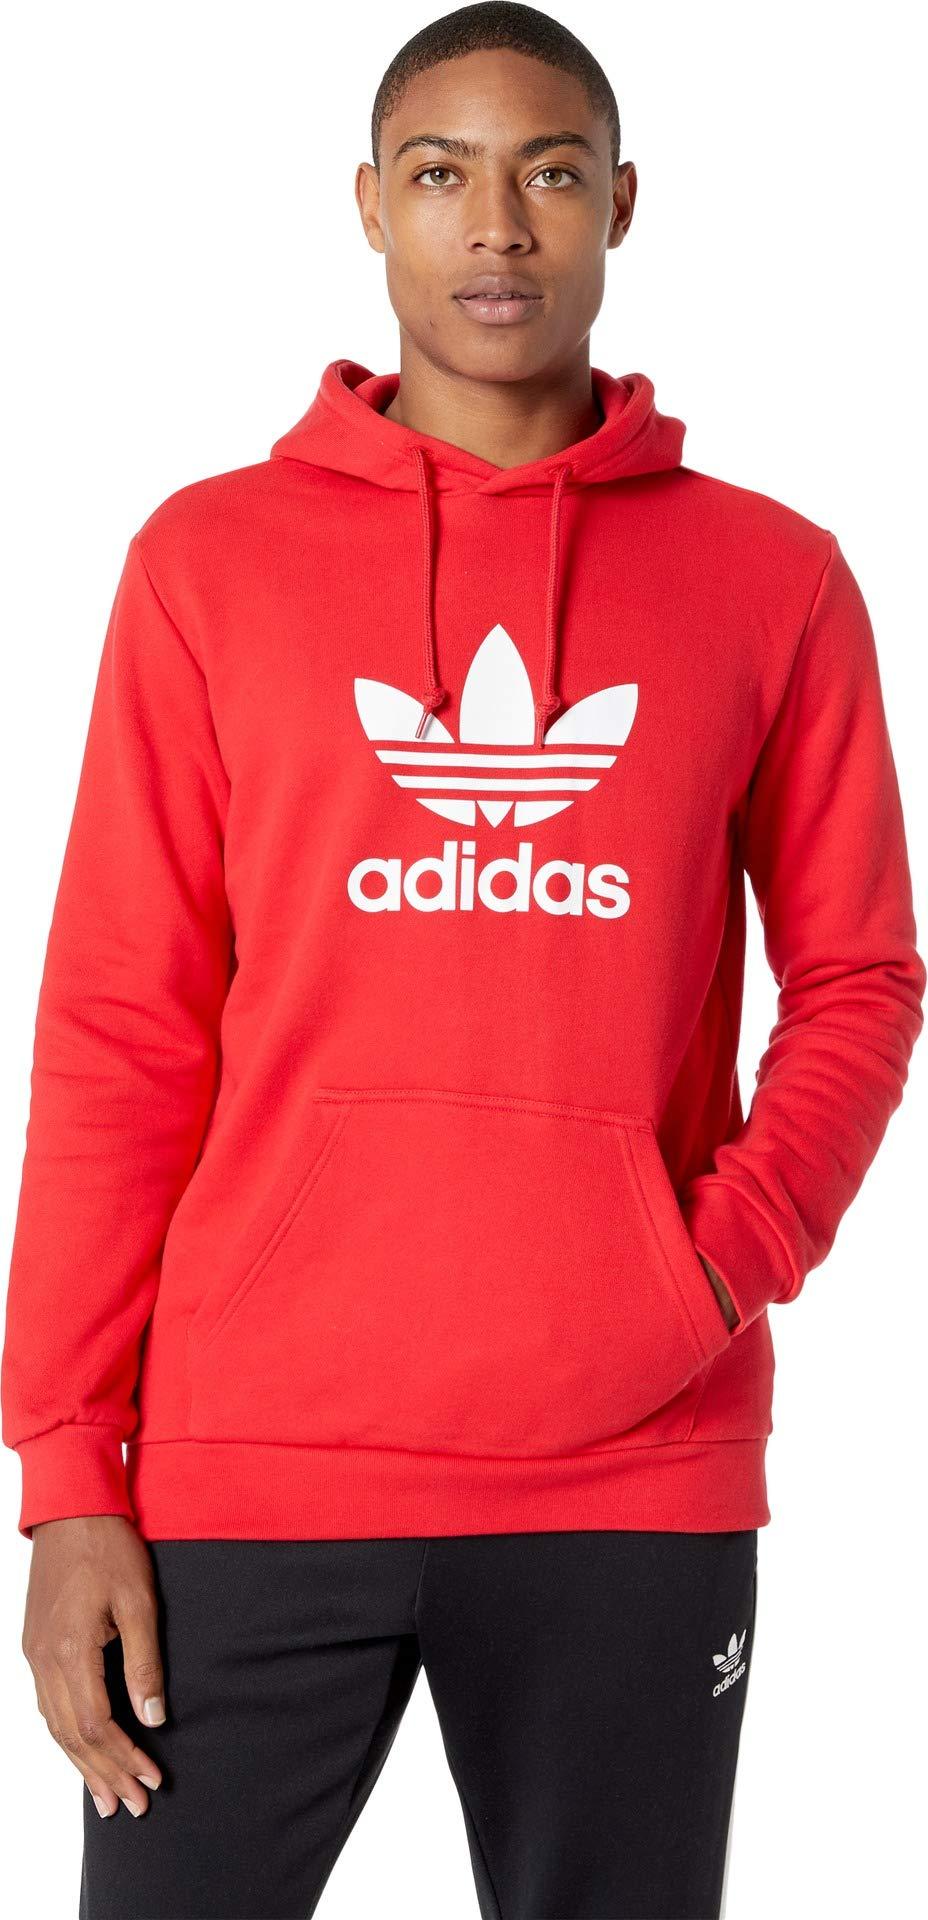 adidas Originals Men's Trefoil Hoodie Collegiate Red Small